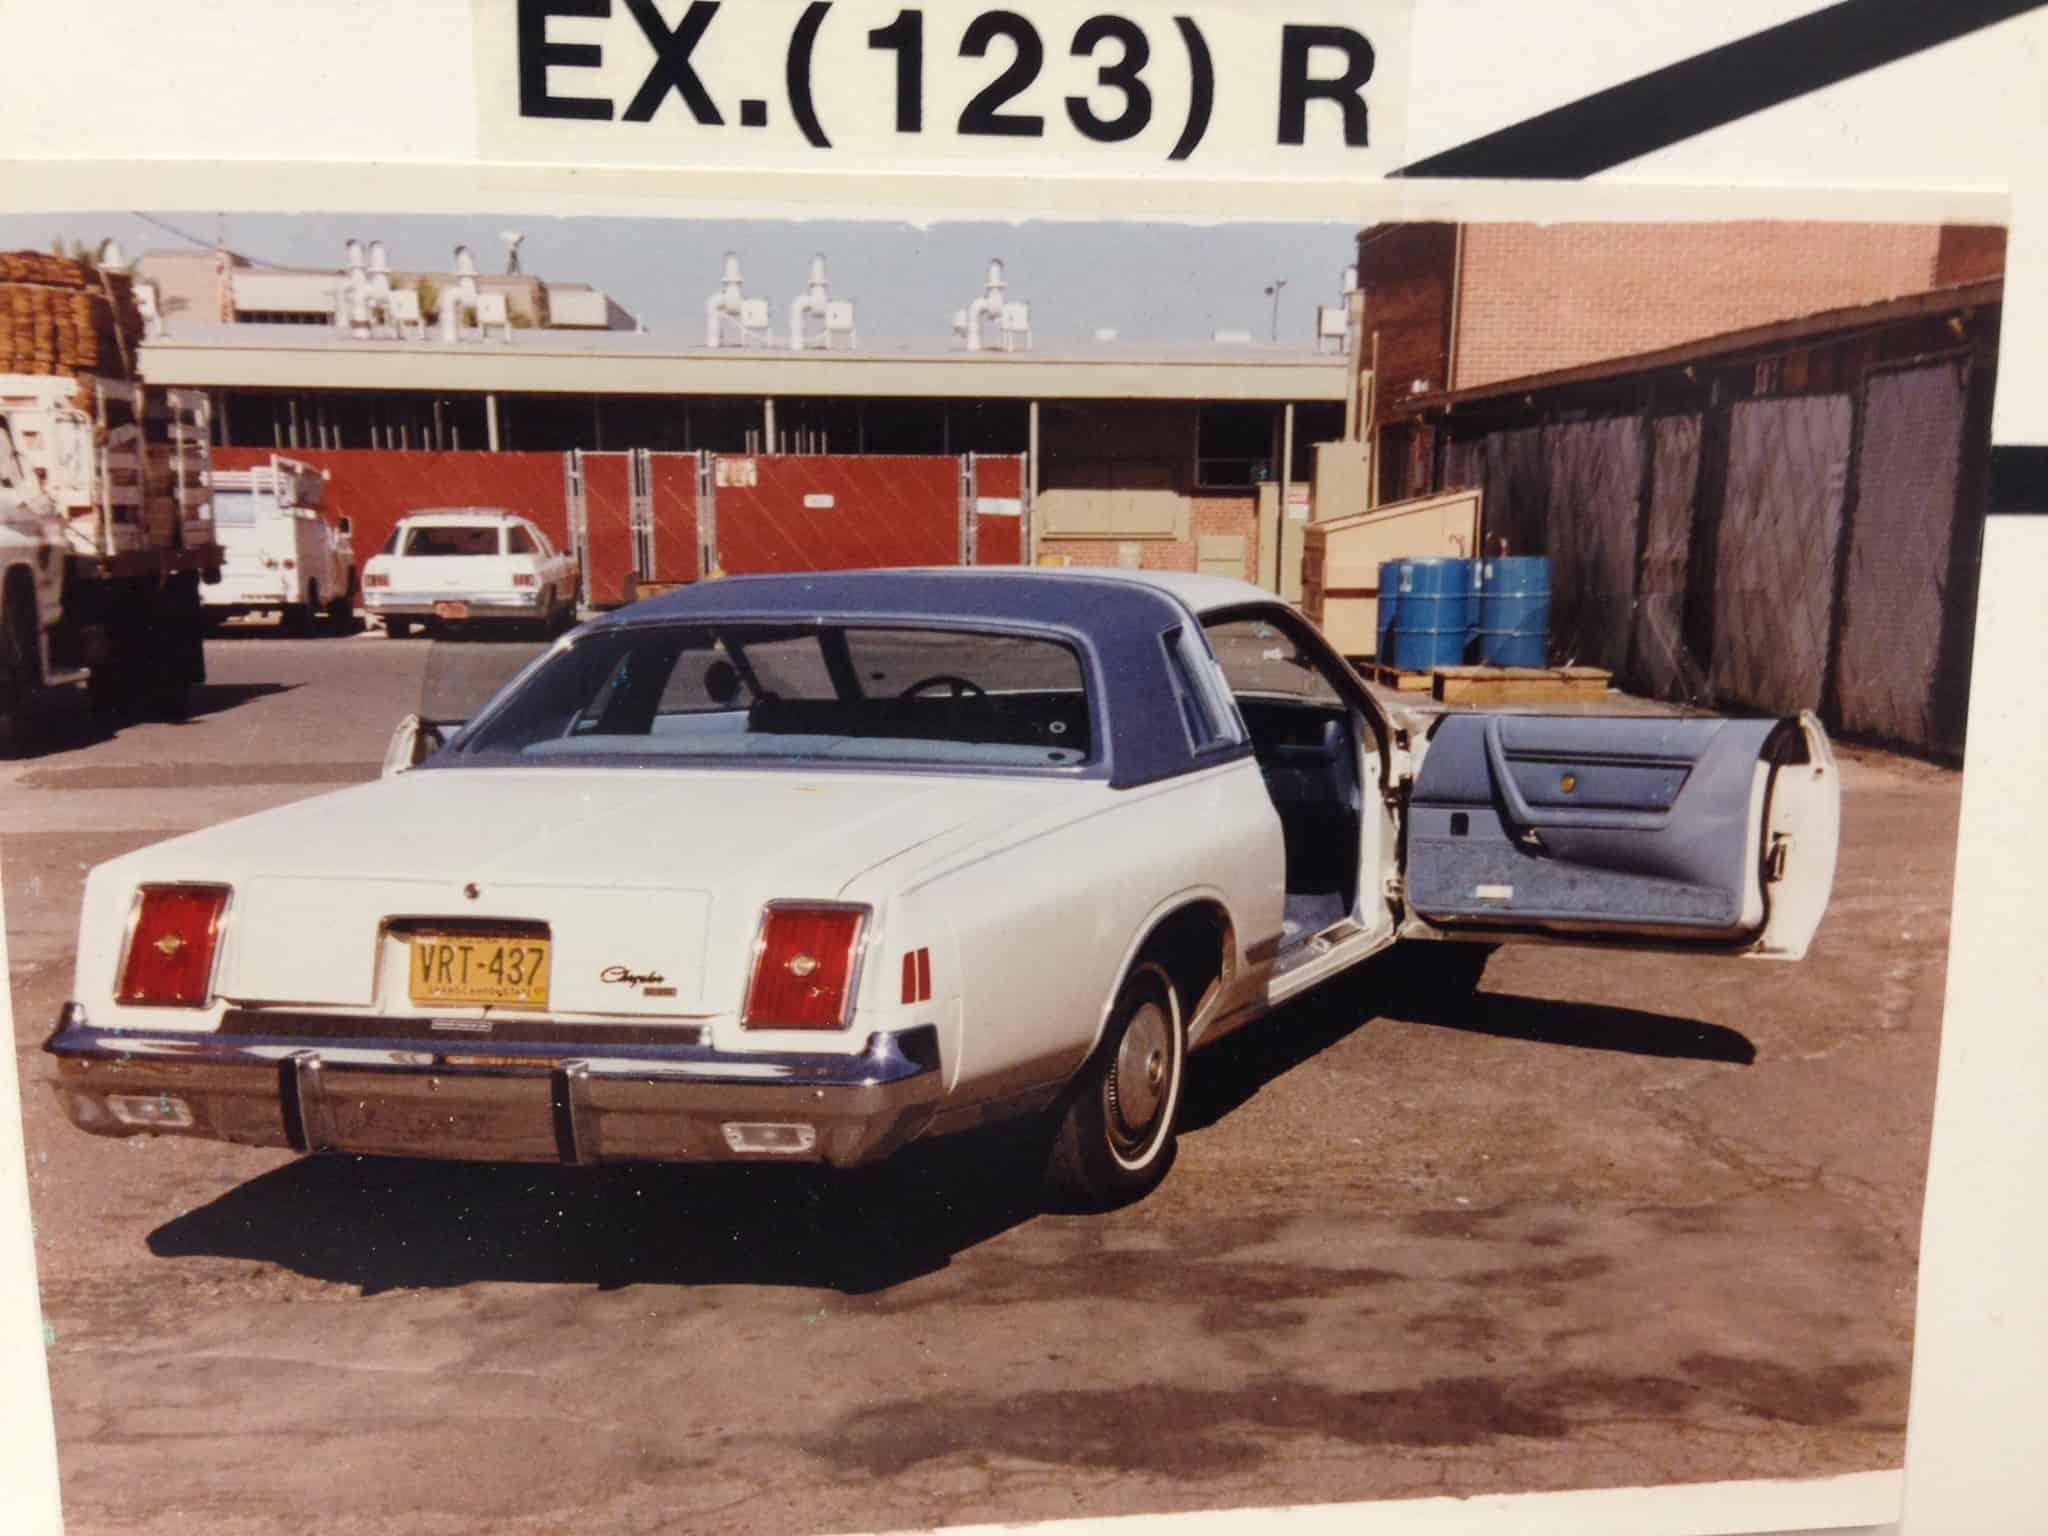 John Carpenter's rental vehicle.